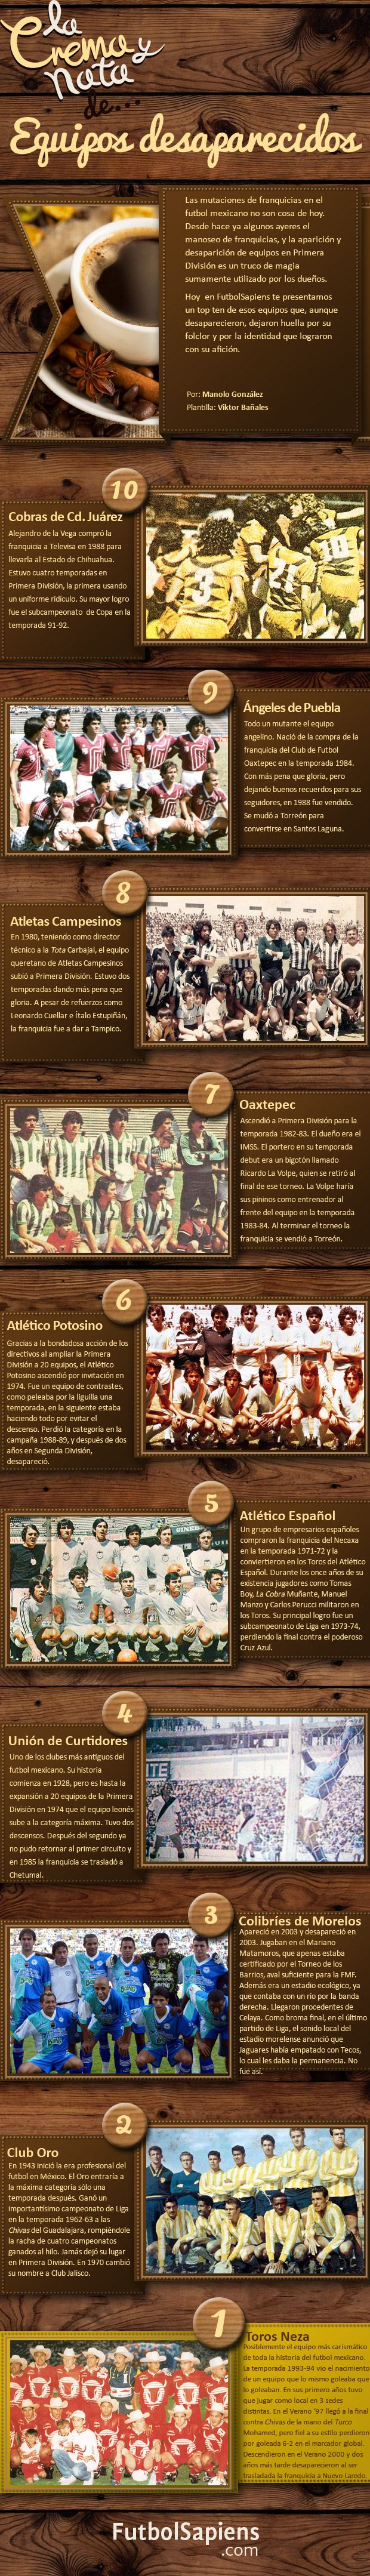 Curiosidades del futbol Mexicano: Equipos desaparecidos